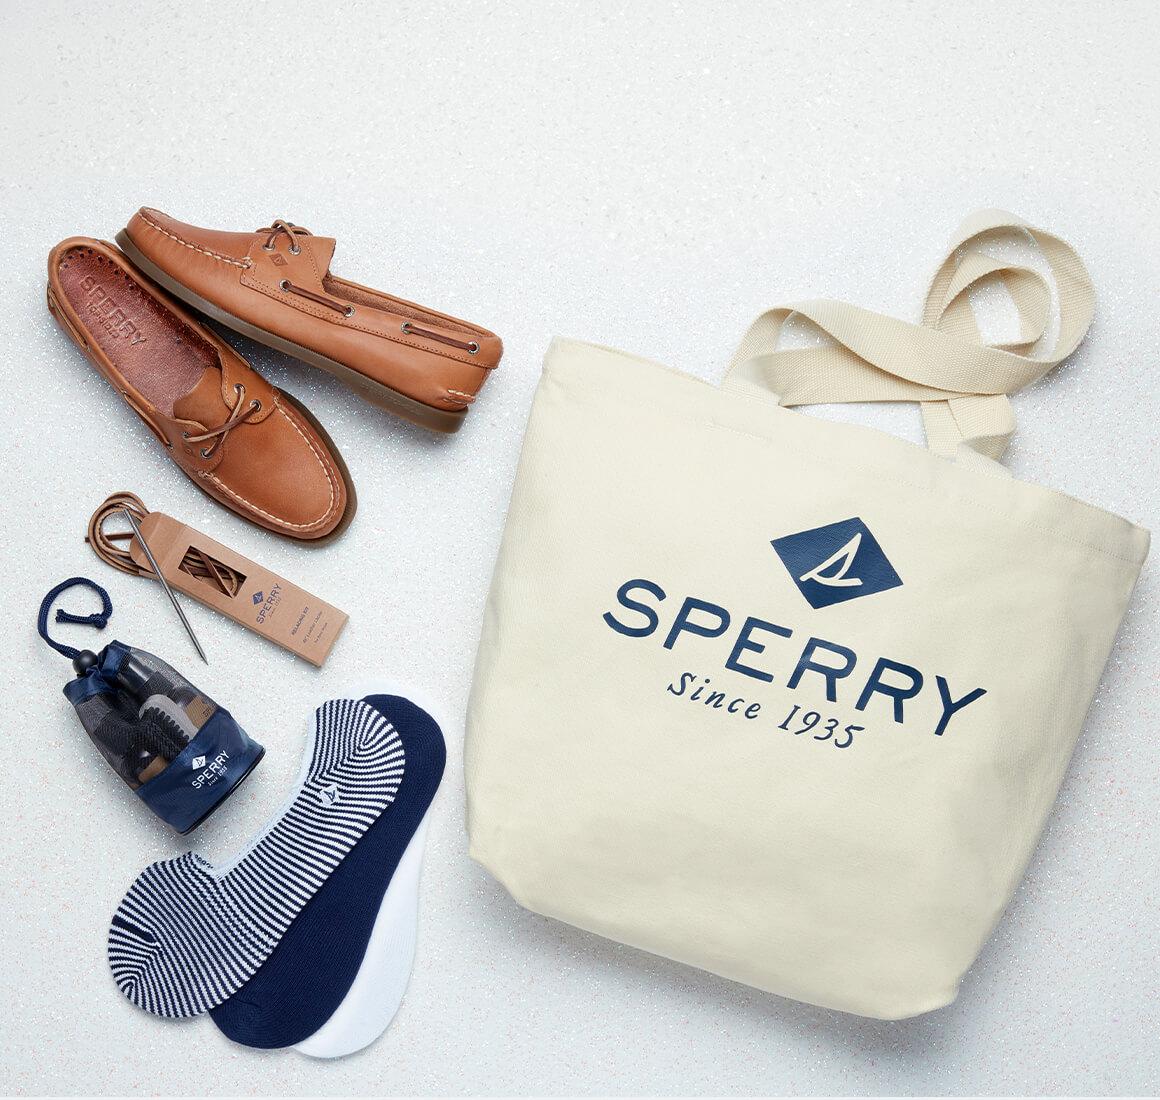 Boat shoes, shoe lace kit, shoe kit, socks, and tote bag.